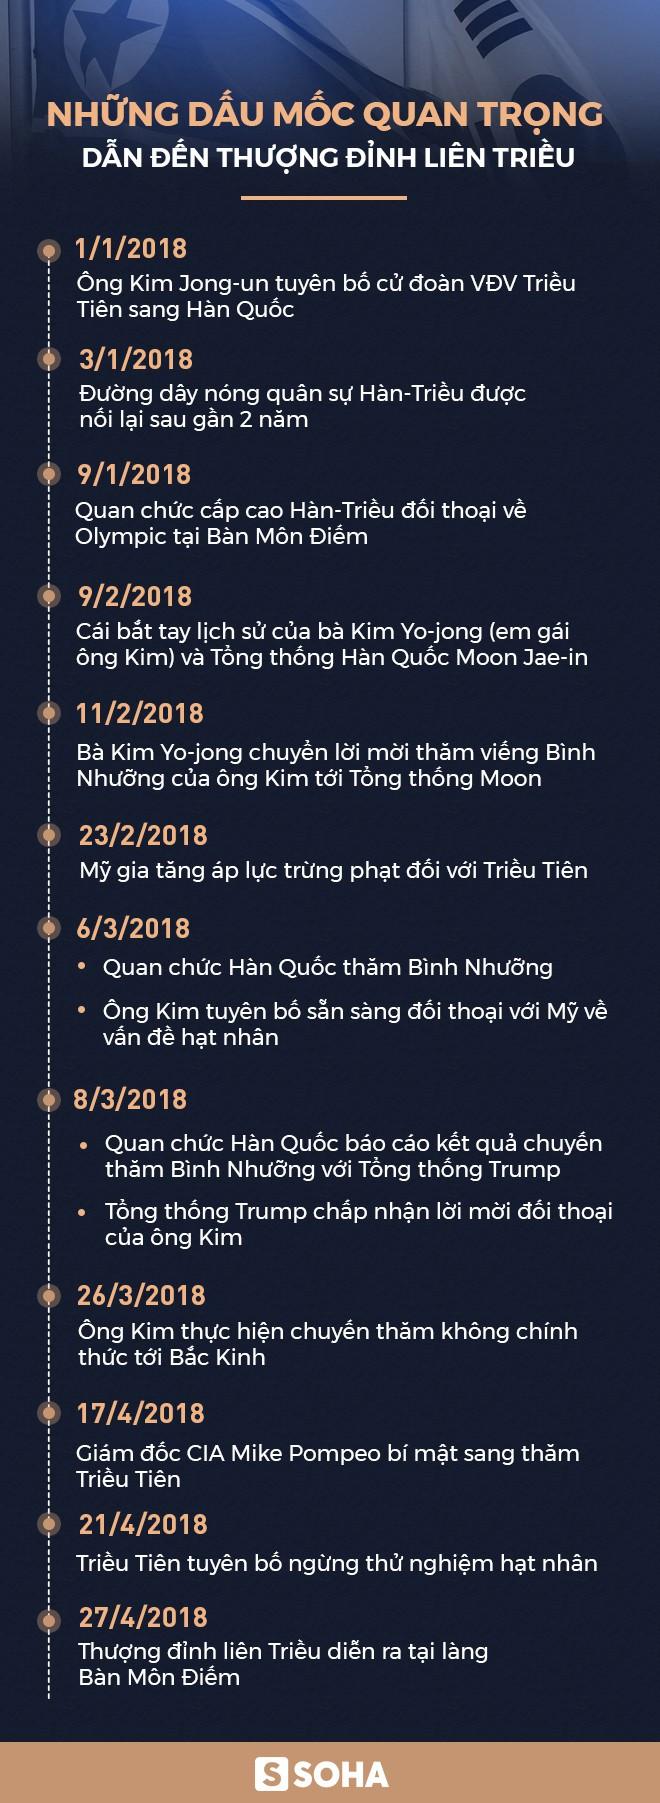 [CẬP NHẬT] Ông Kim Jong-un khẳng định sẽ tới thăm Nhà Xanh nếu TT Moon mời - Ảnh 5.